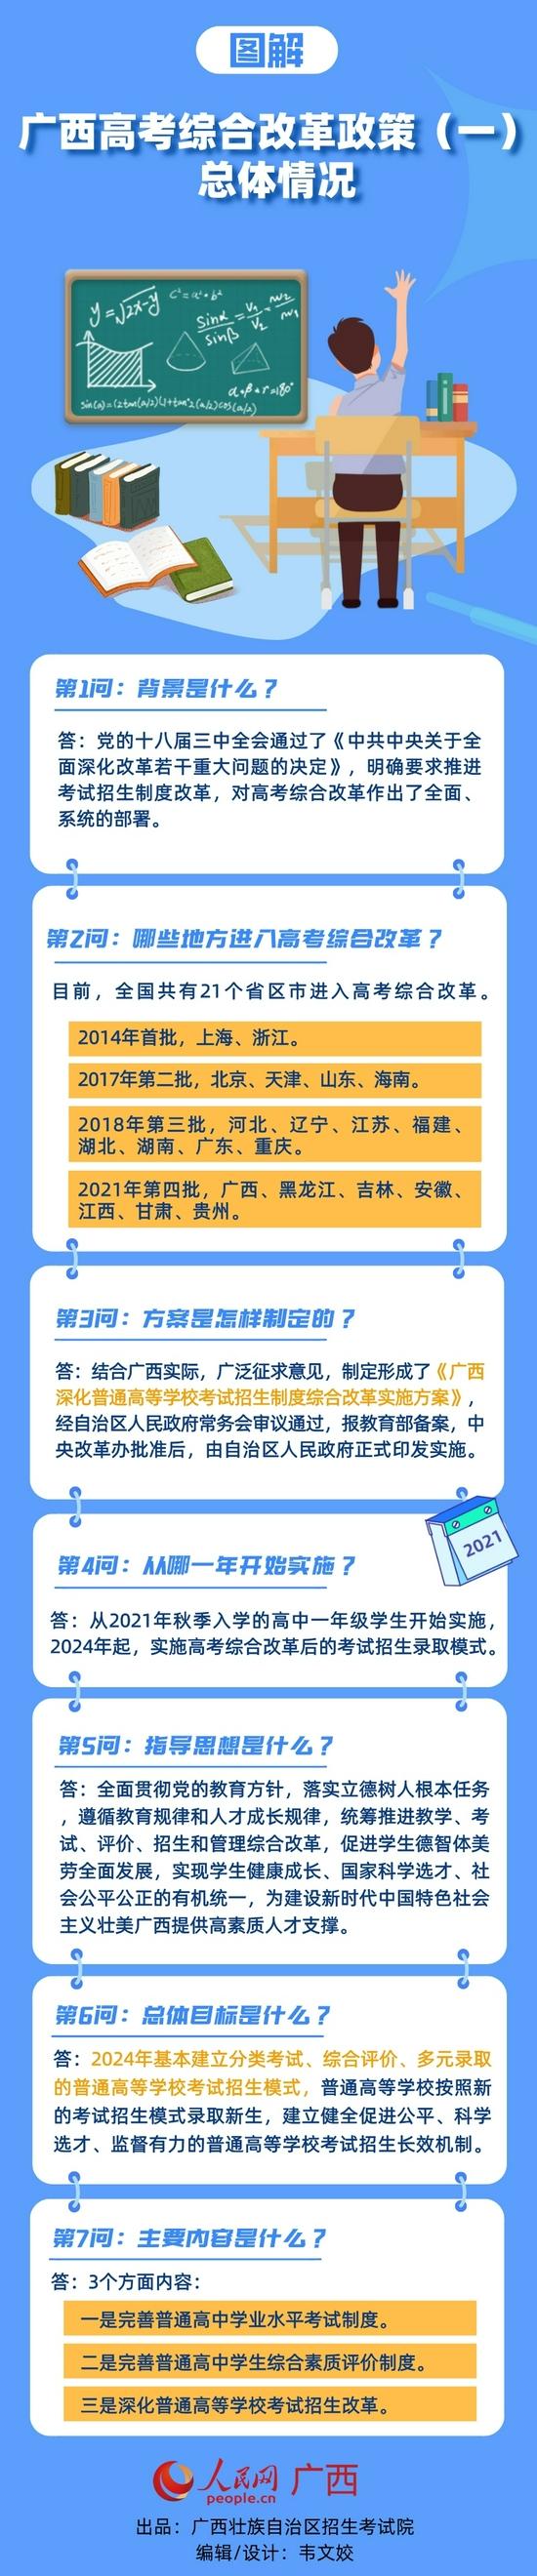 广西:高考综合改革政策图解